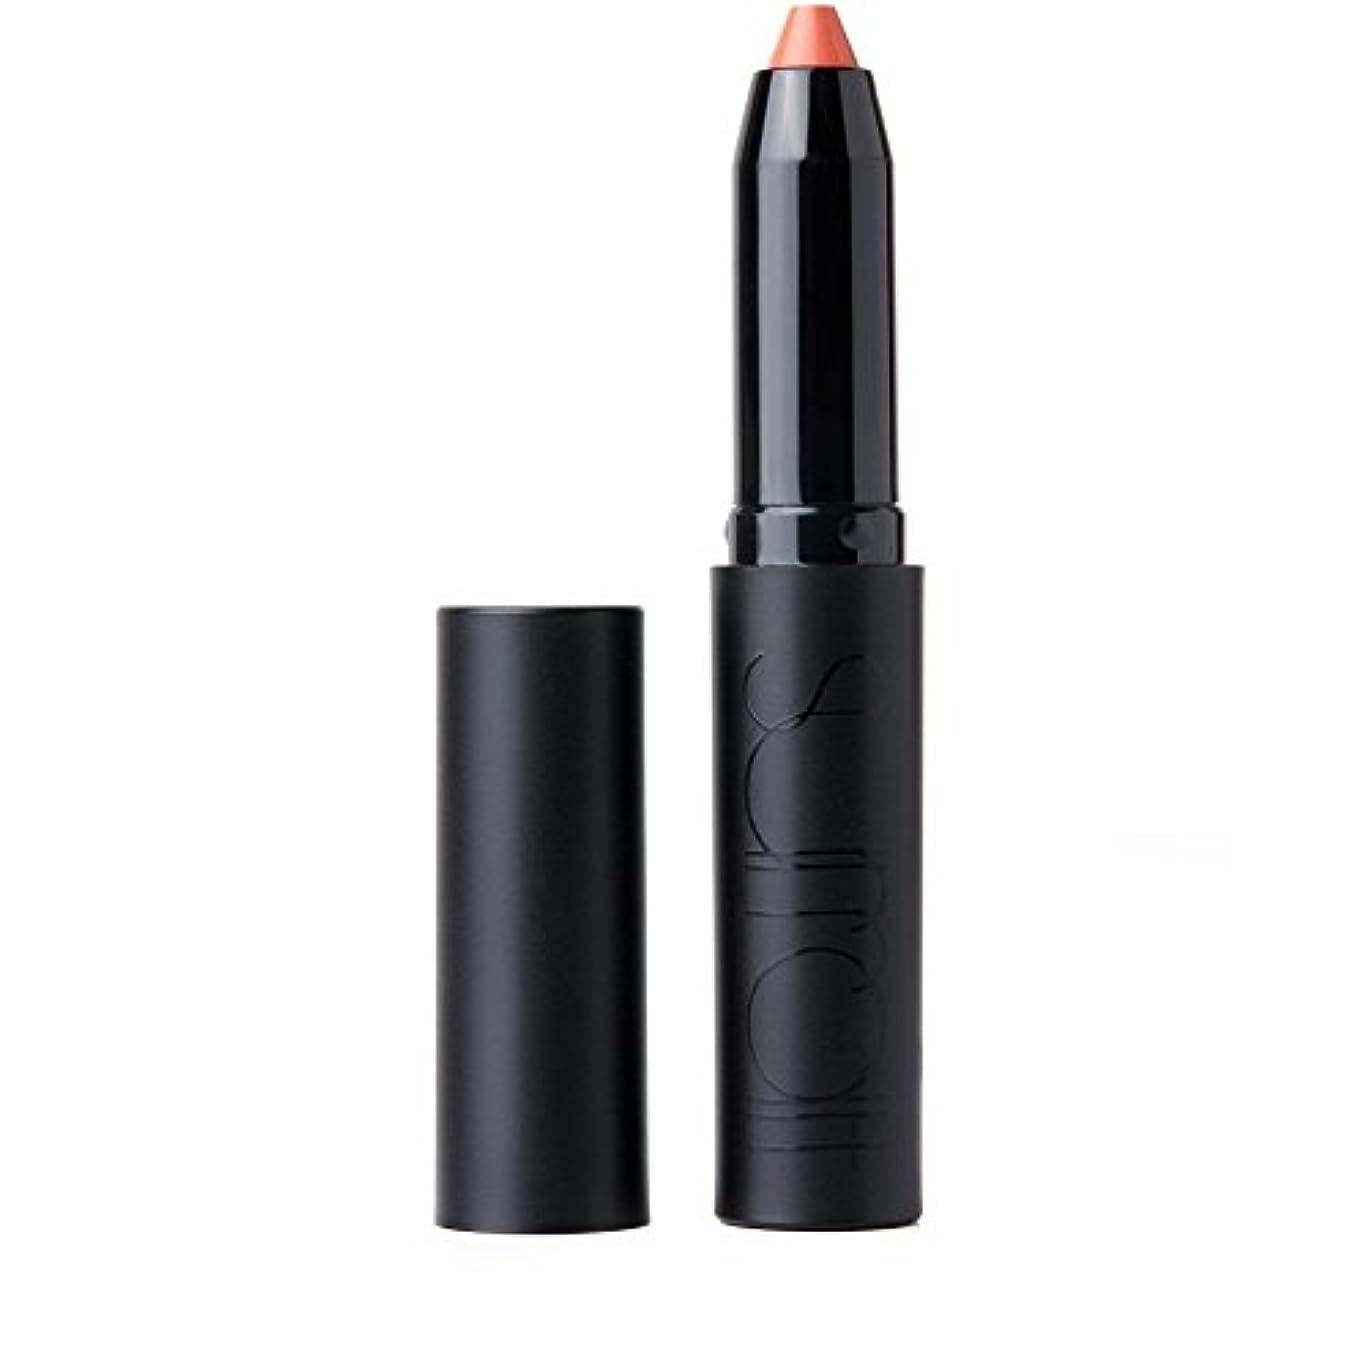 救い衛星プログラムクラッドリップクレヨン18 x4 - Surratt Lip Crayon 18 Scantilly Clad (Pack of 4) [並行輸入品]